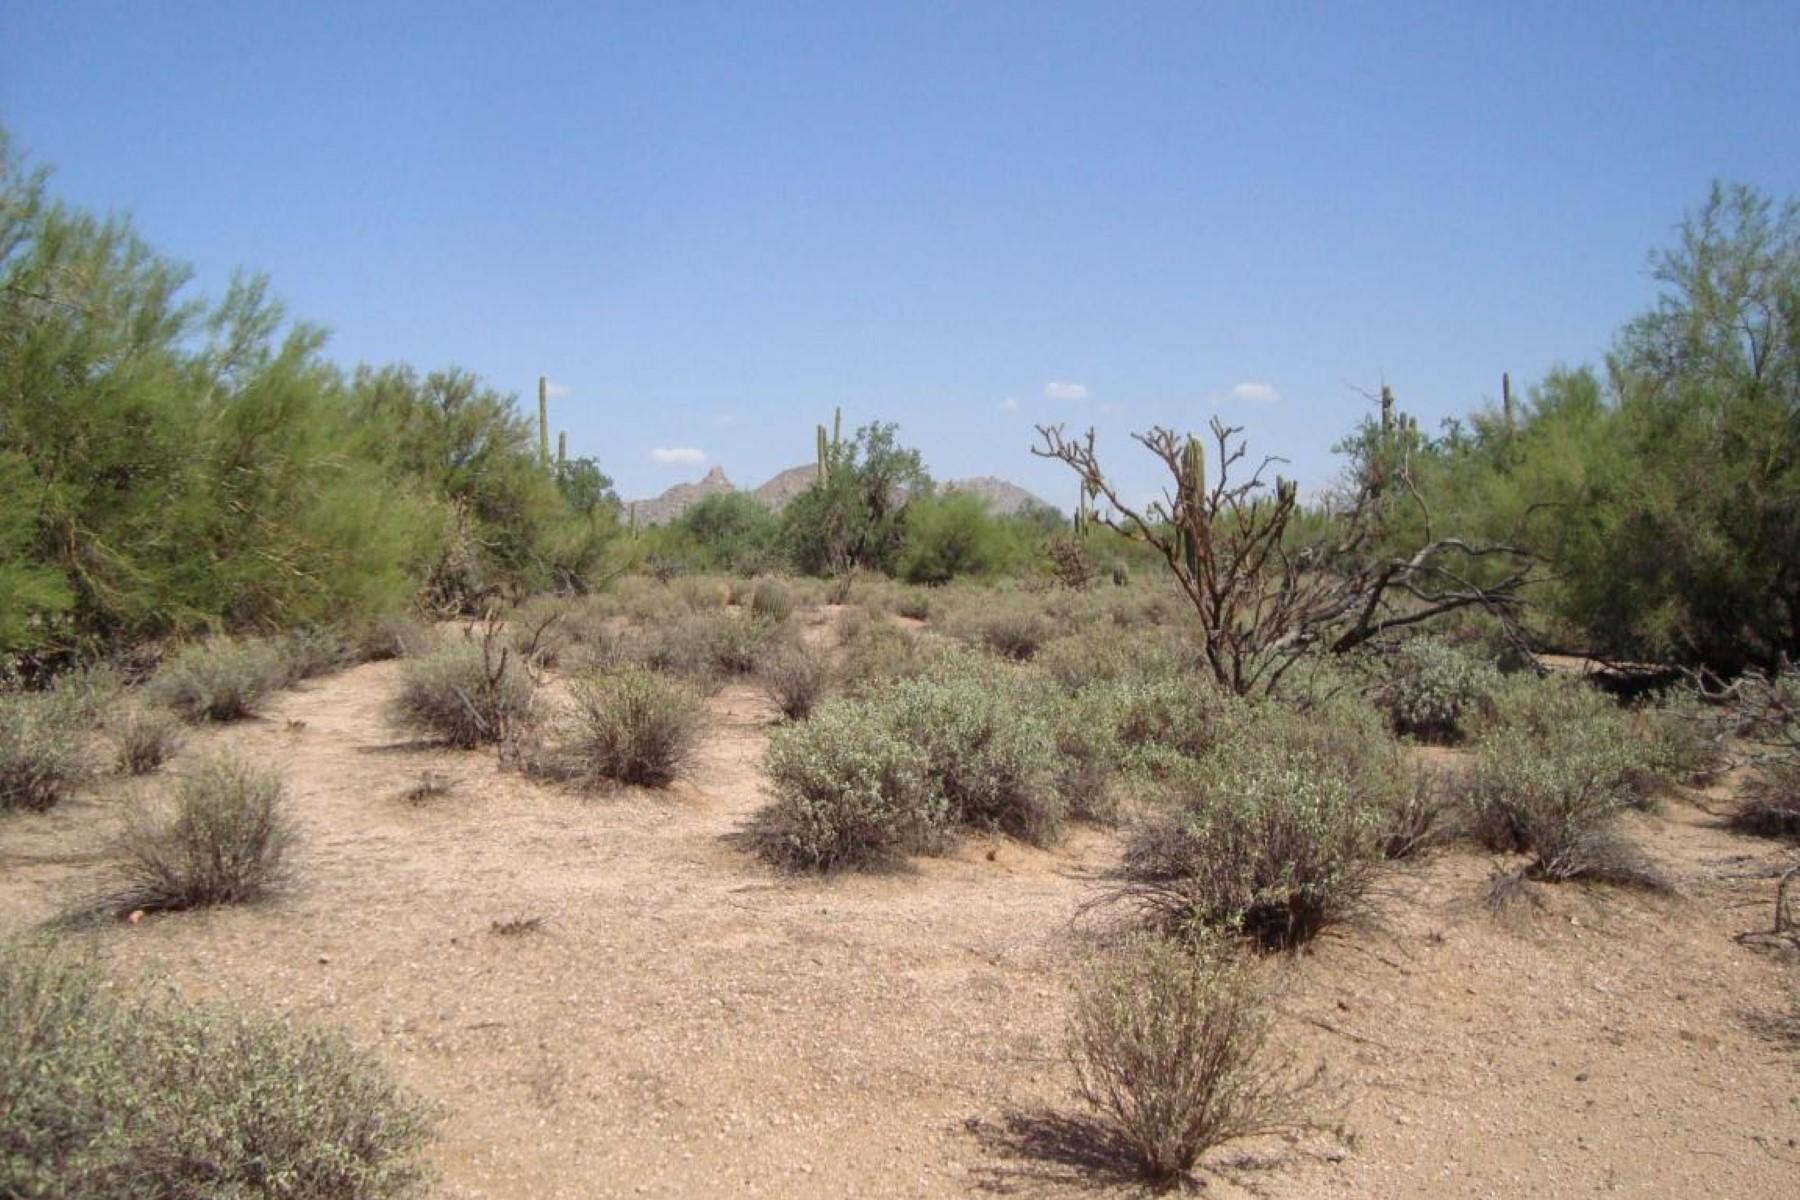 Land für Verkauf beim A perfect 2.5 acre parcel ready for you to build that dream home. 27XXX N 77th ST 2.5 AC Scottsdale, Arizona 85266 Vereinigte Staaten